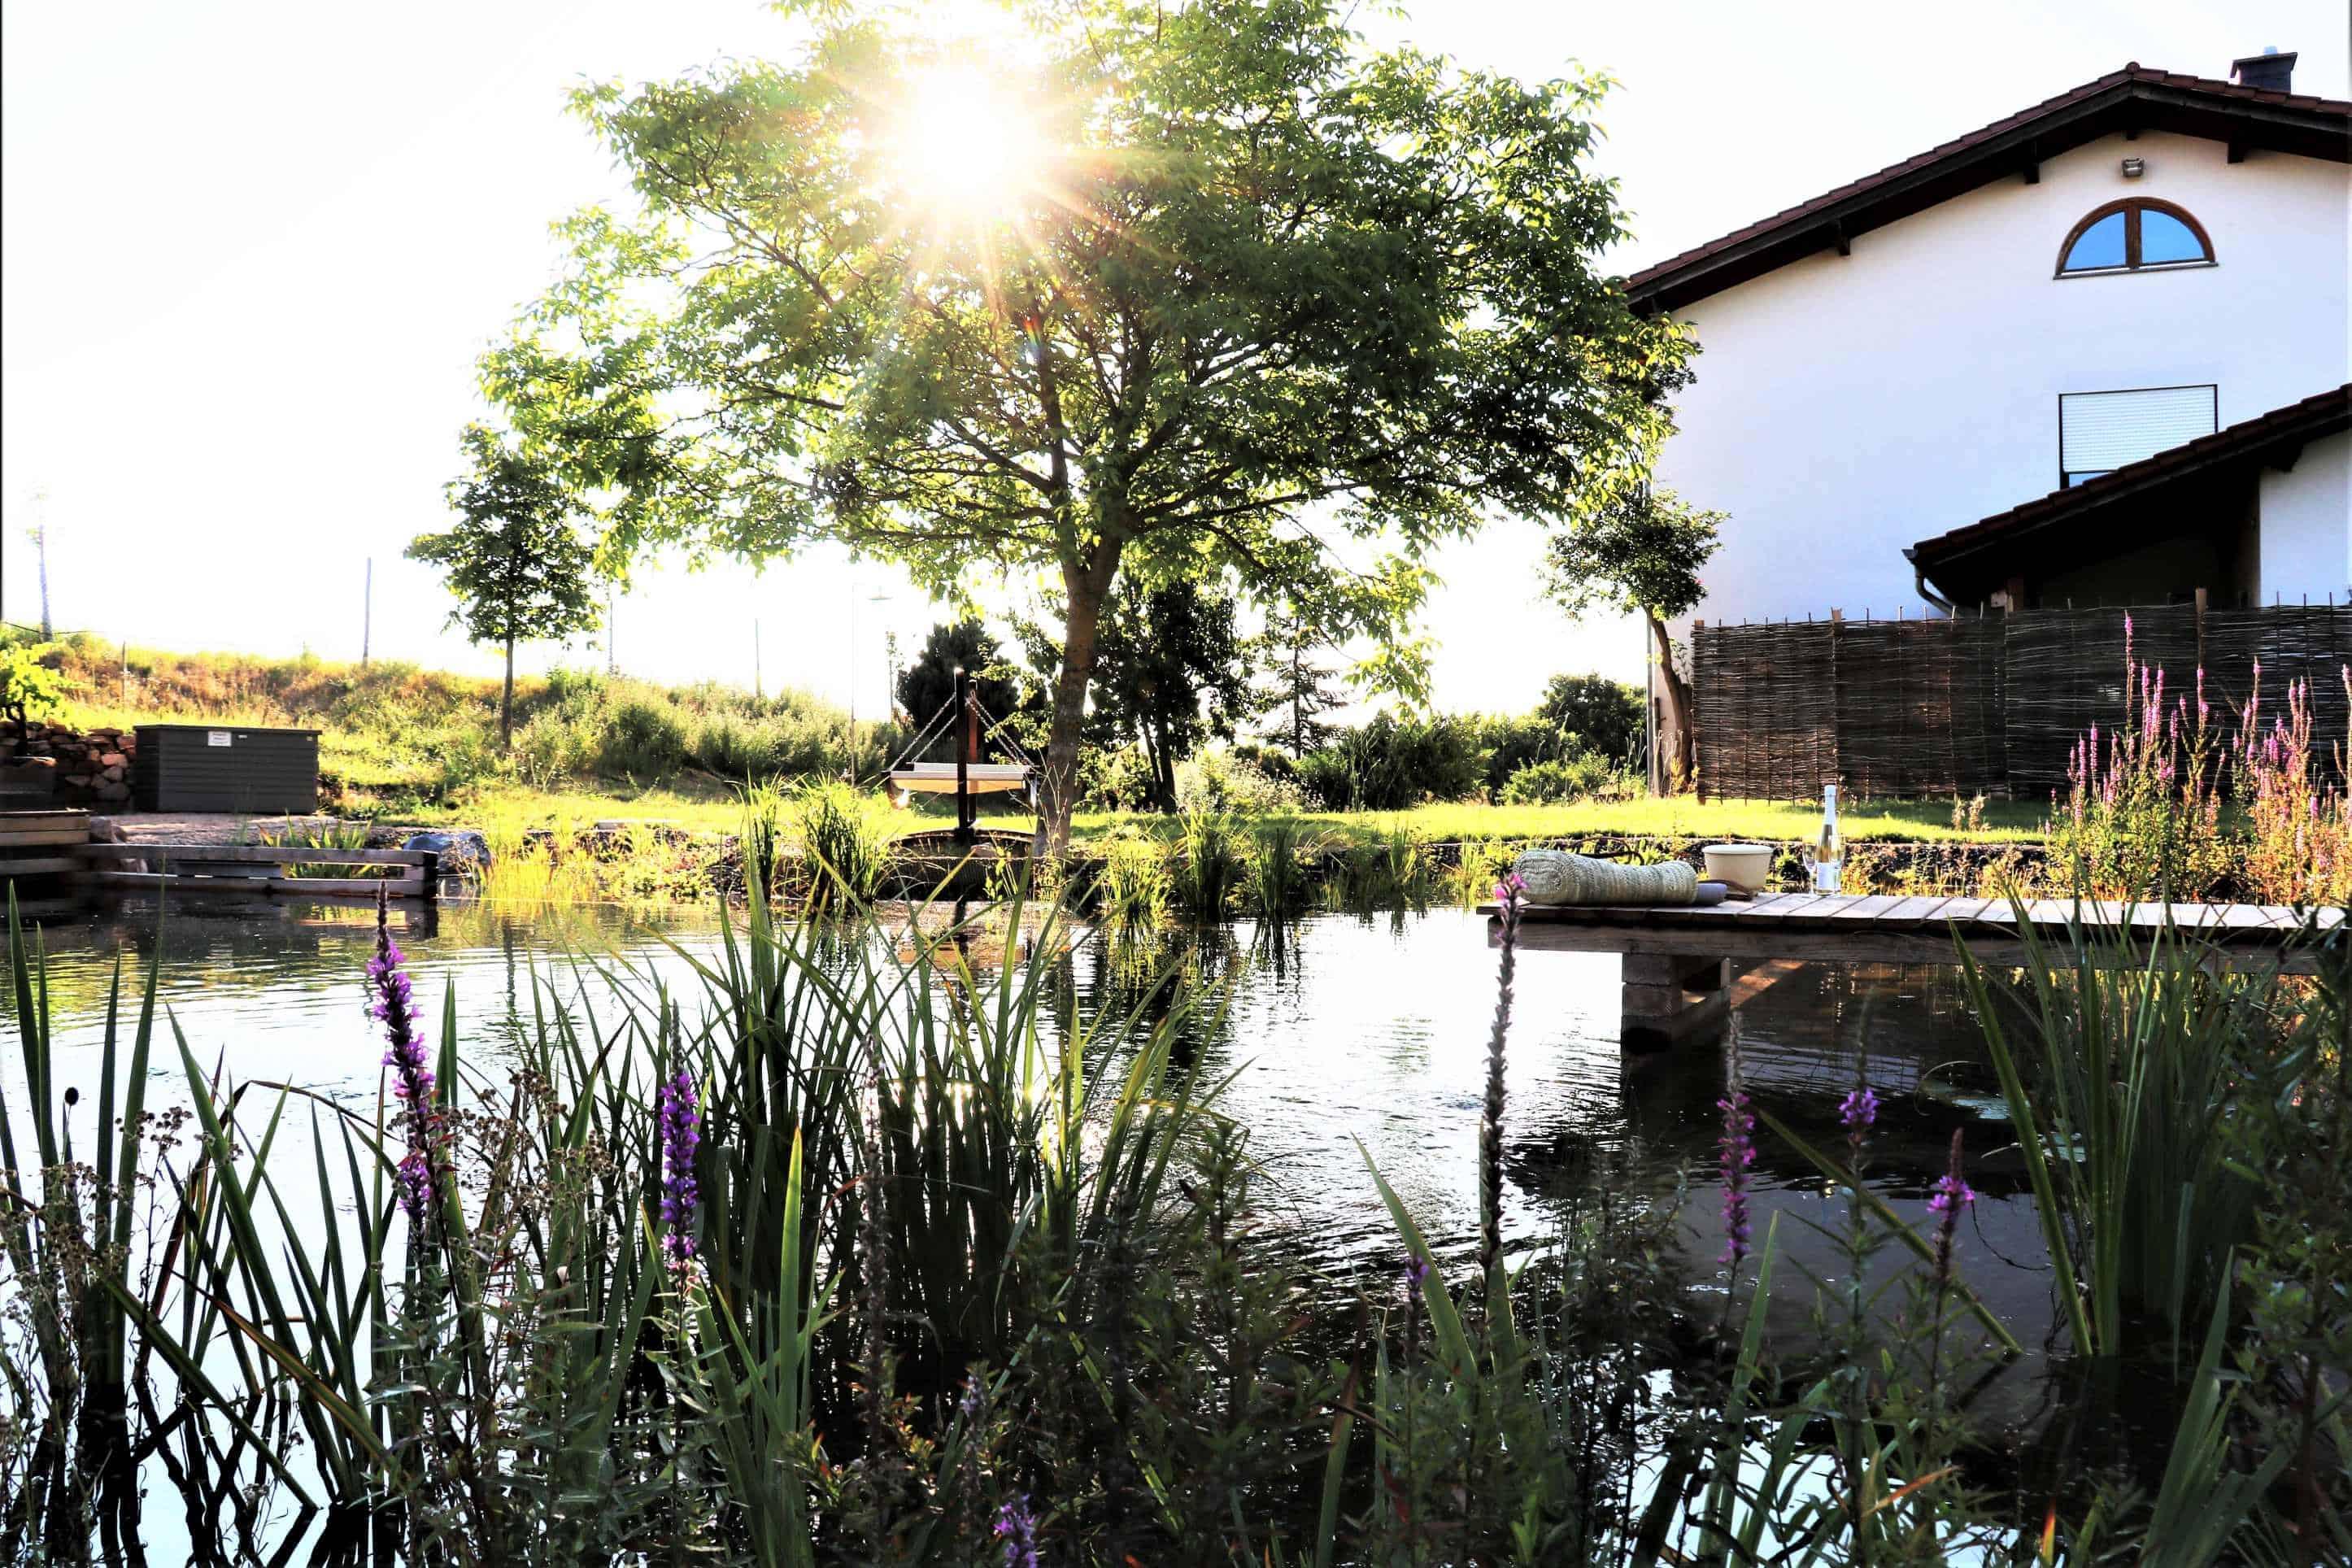 Biolandhotel mit Naturteich